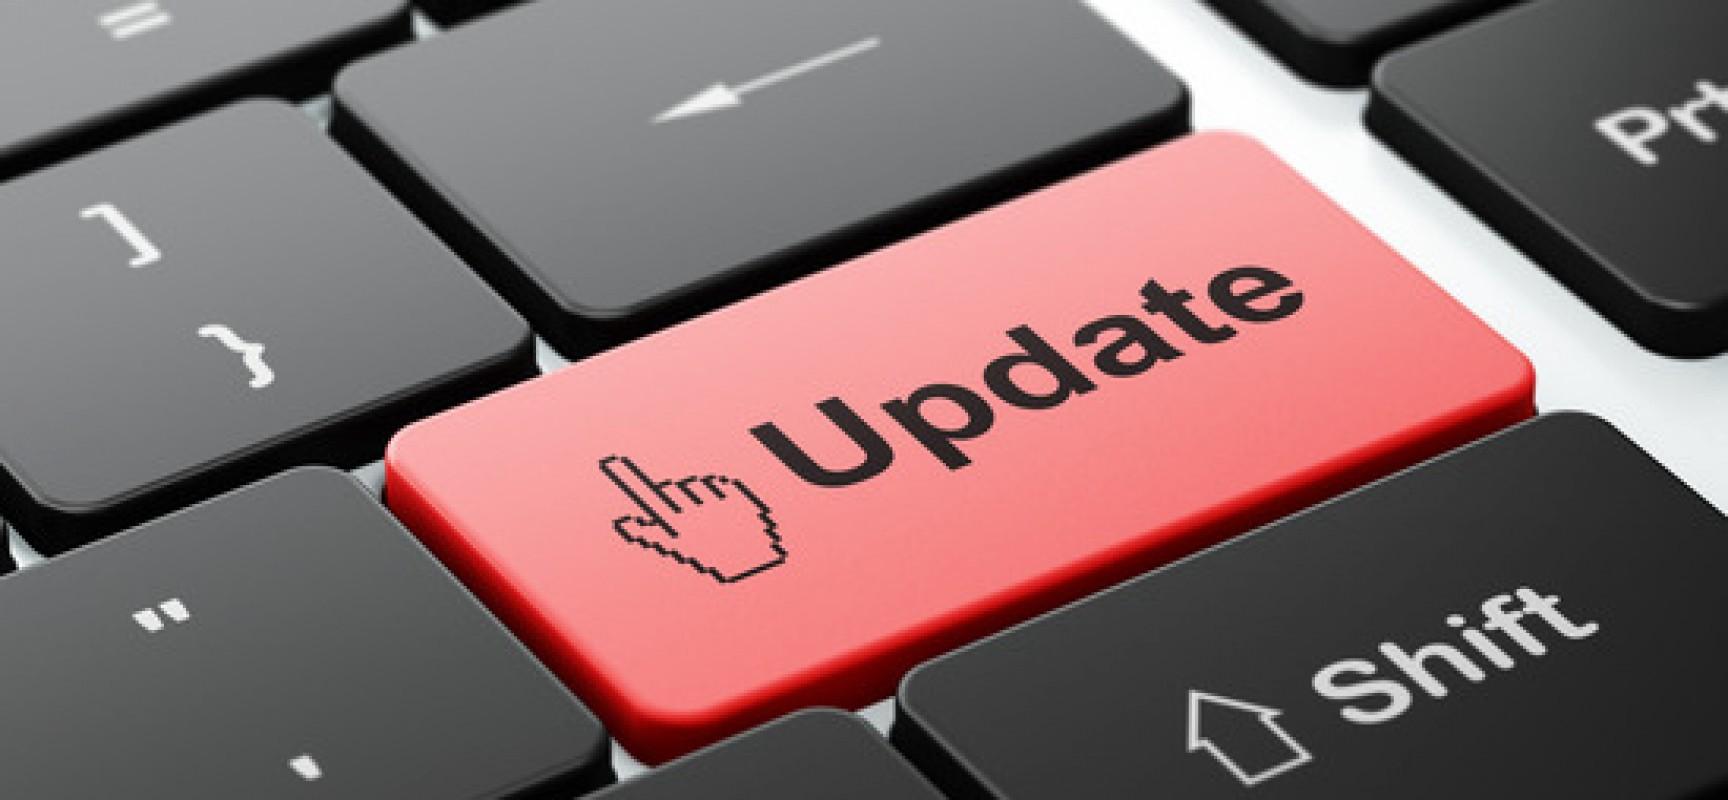 Atualização da Planilha Fluxo de Caixa – Versão 04.10.014